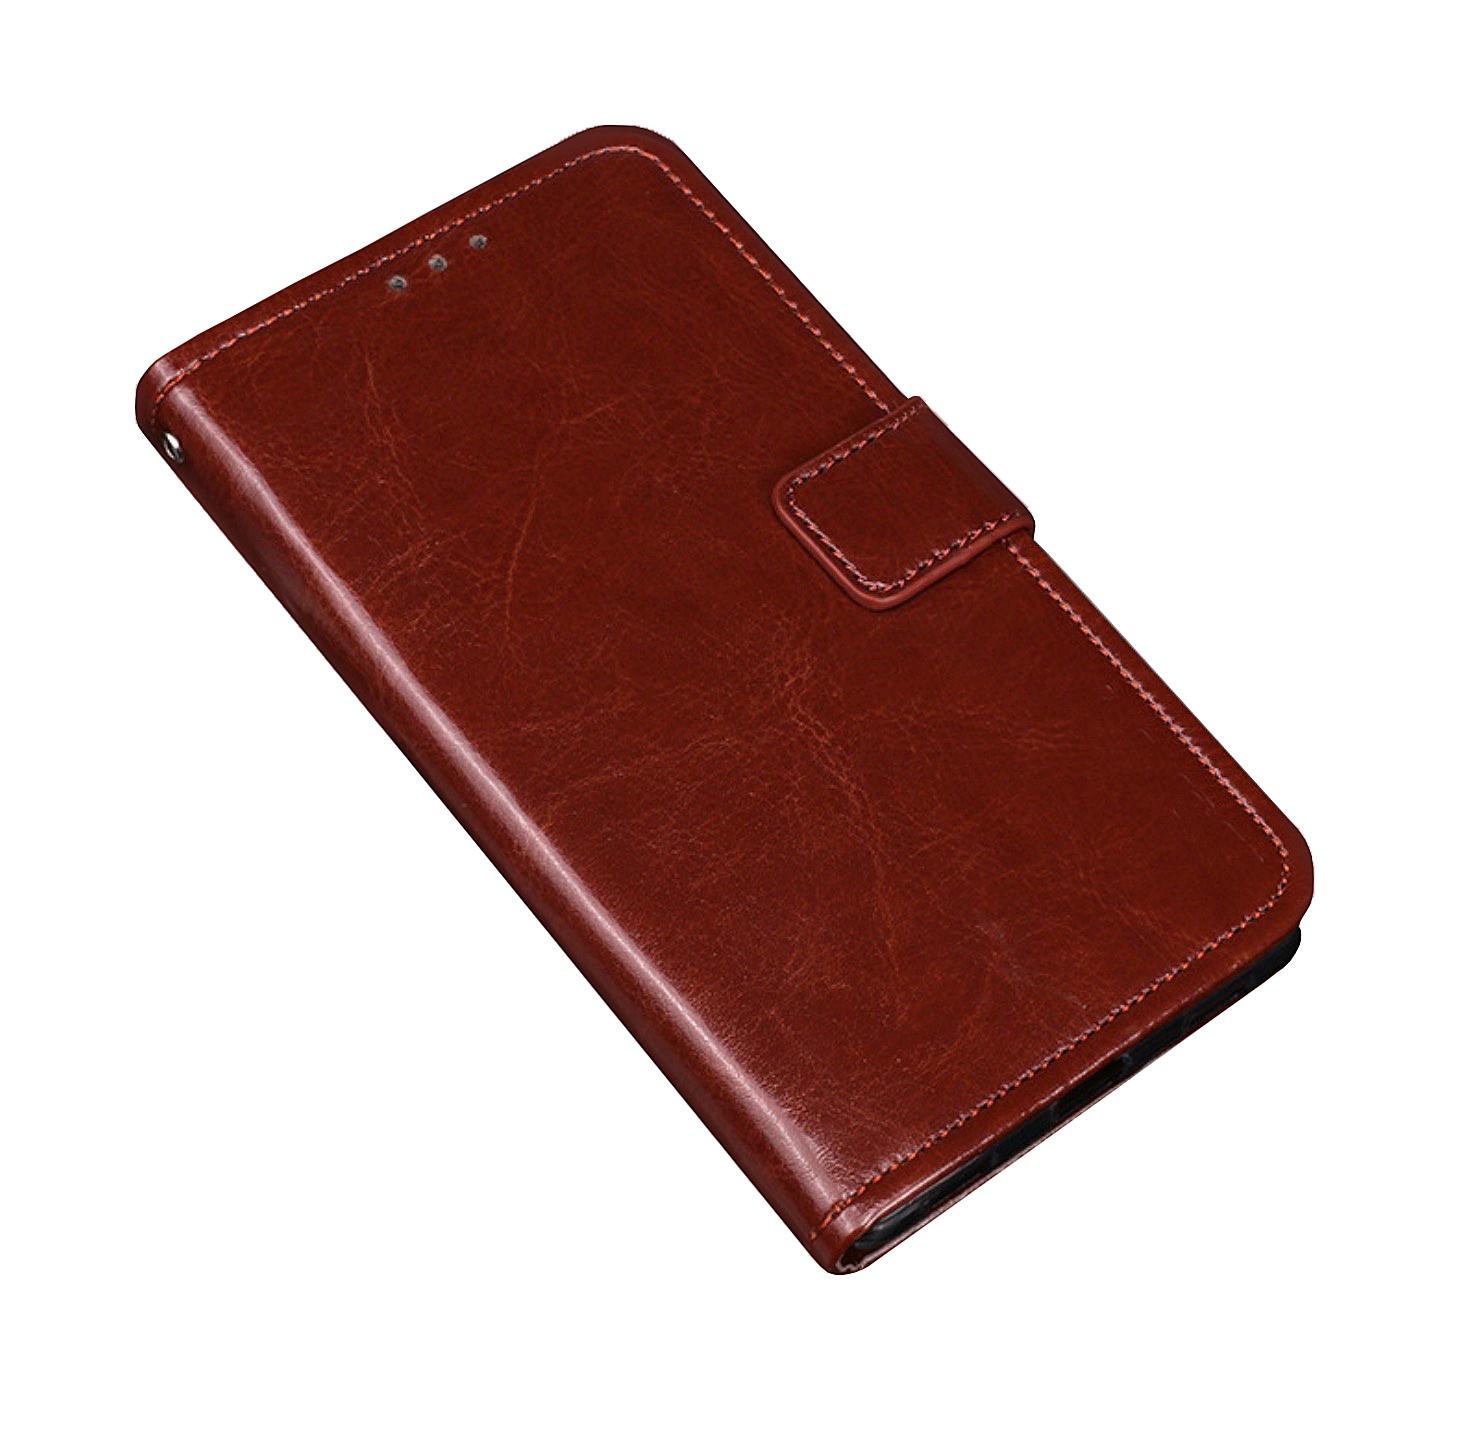 Фирменный чехол-книжка из качественной импортной кожи с мульти-подставкой застёжкой и визитницей для Samsung Galaxy S4 Active GT-I9295 коричневый MyPads